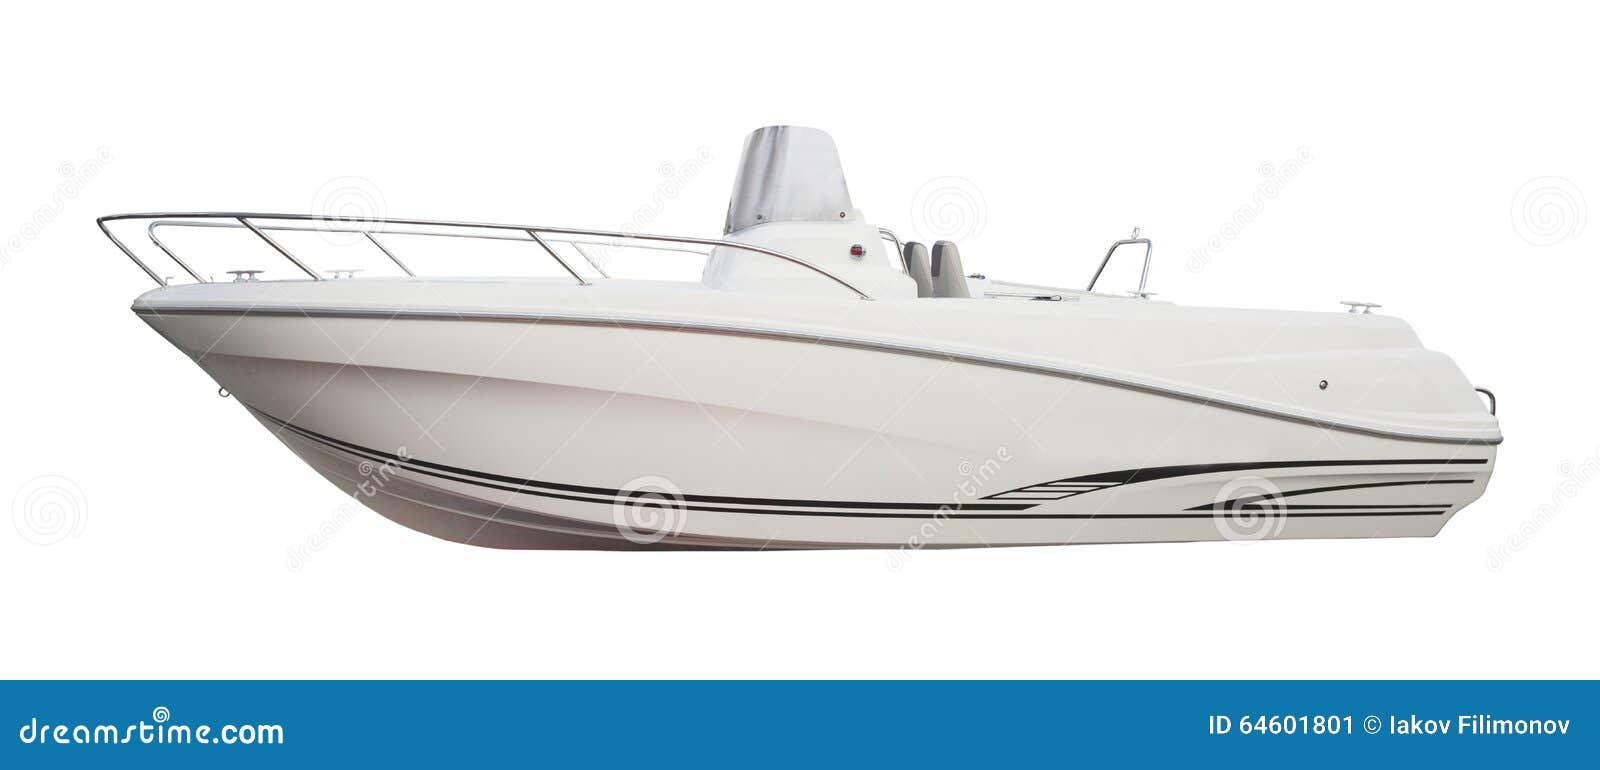 Motor Boat Stock Photo - Image: 64601801